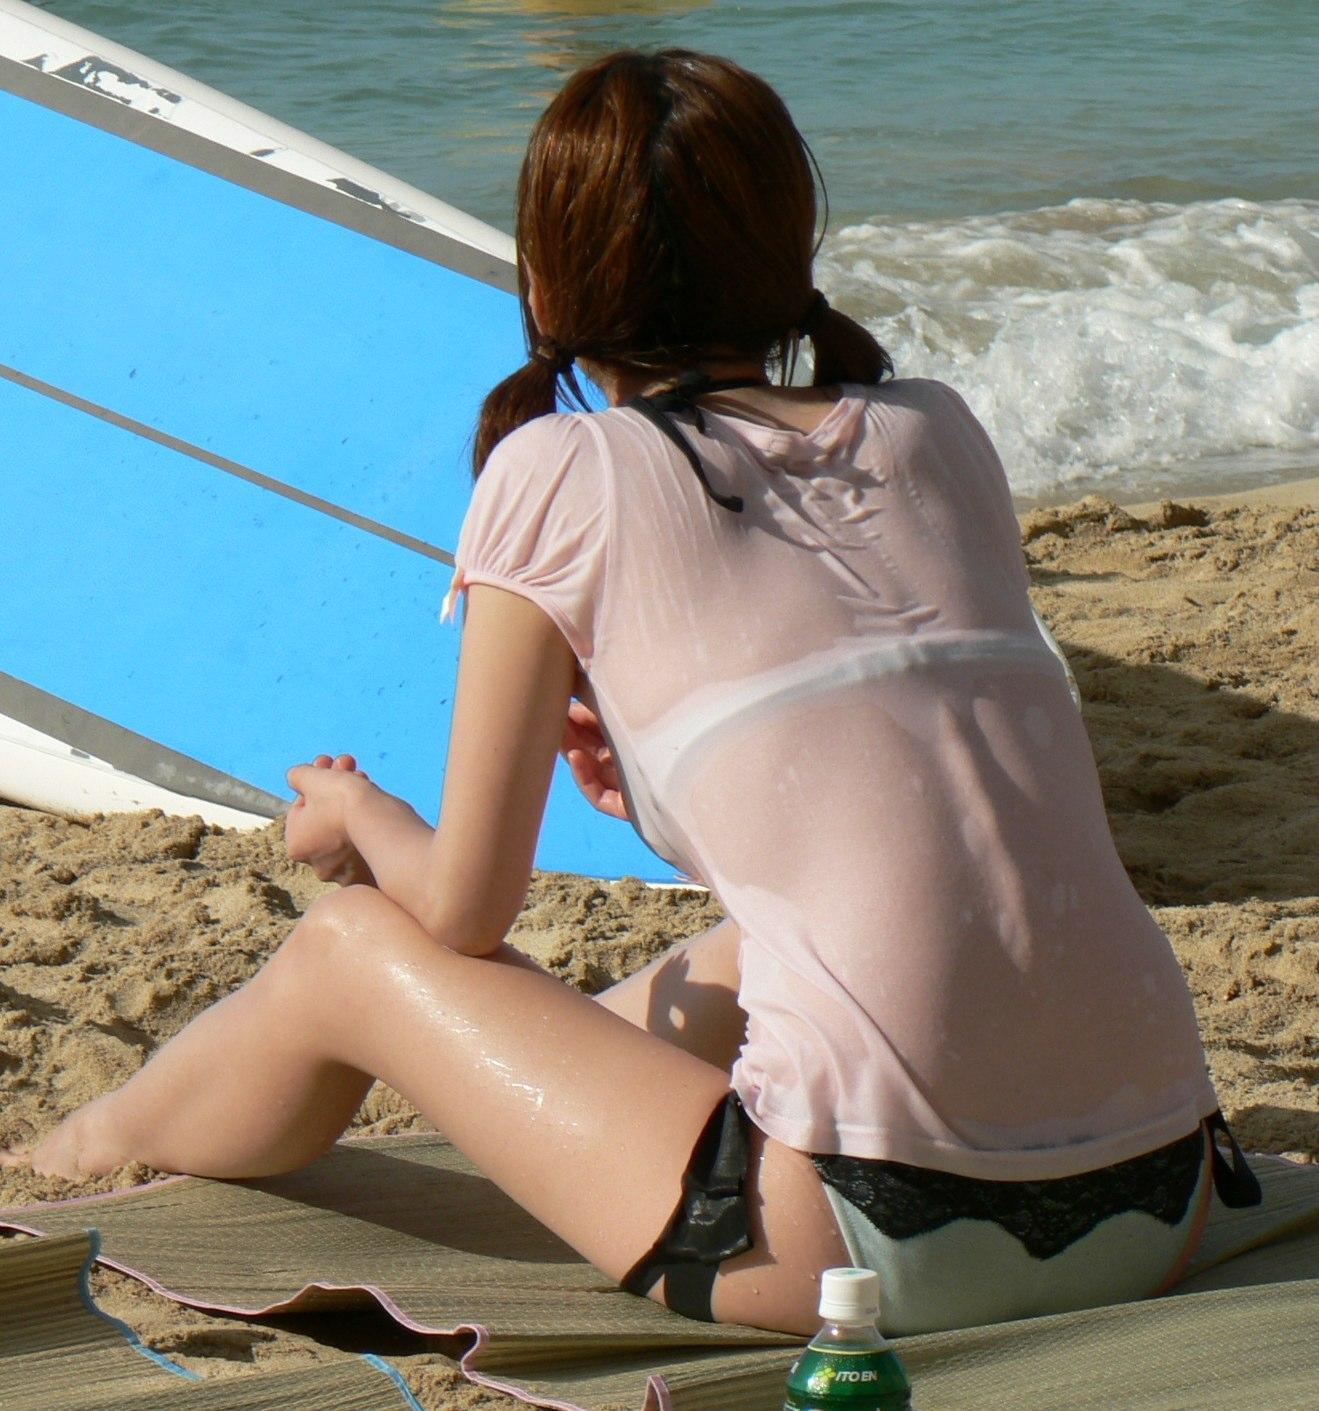 水着姿なのにお尻もオマンコもおっぱいも透けちゃってる素人娘のエロ画像・22枚目の画像